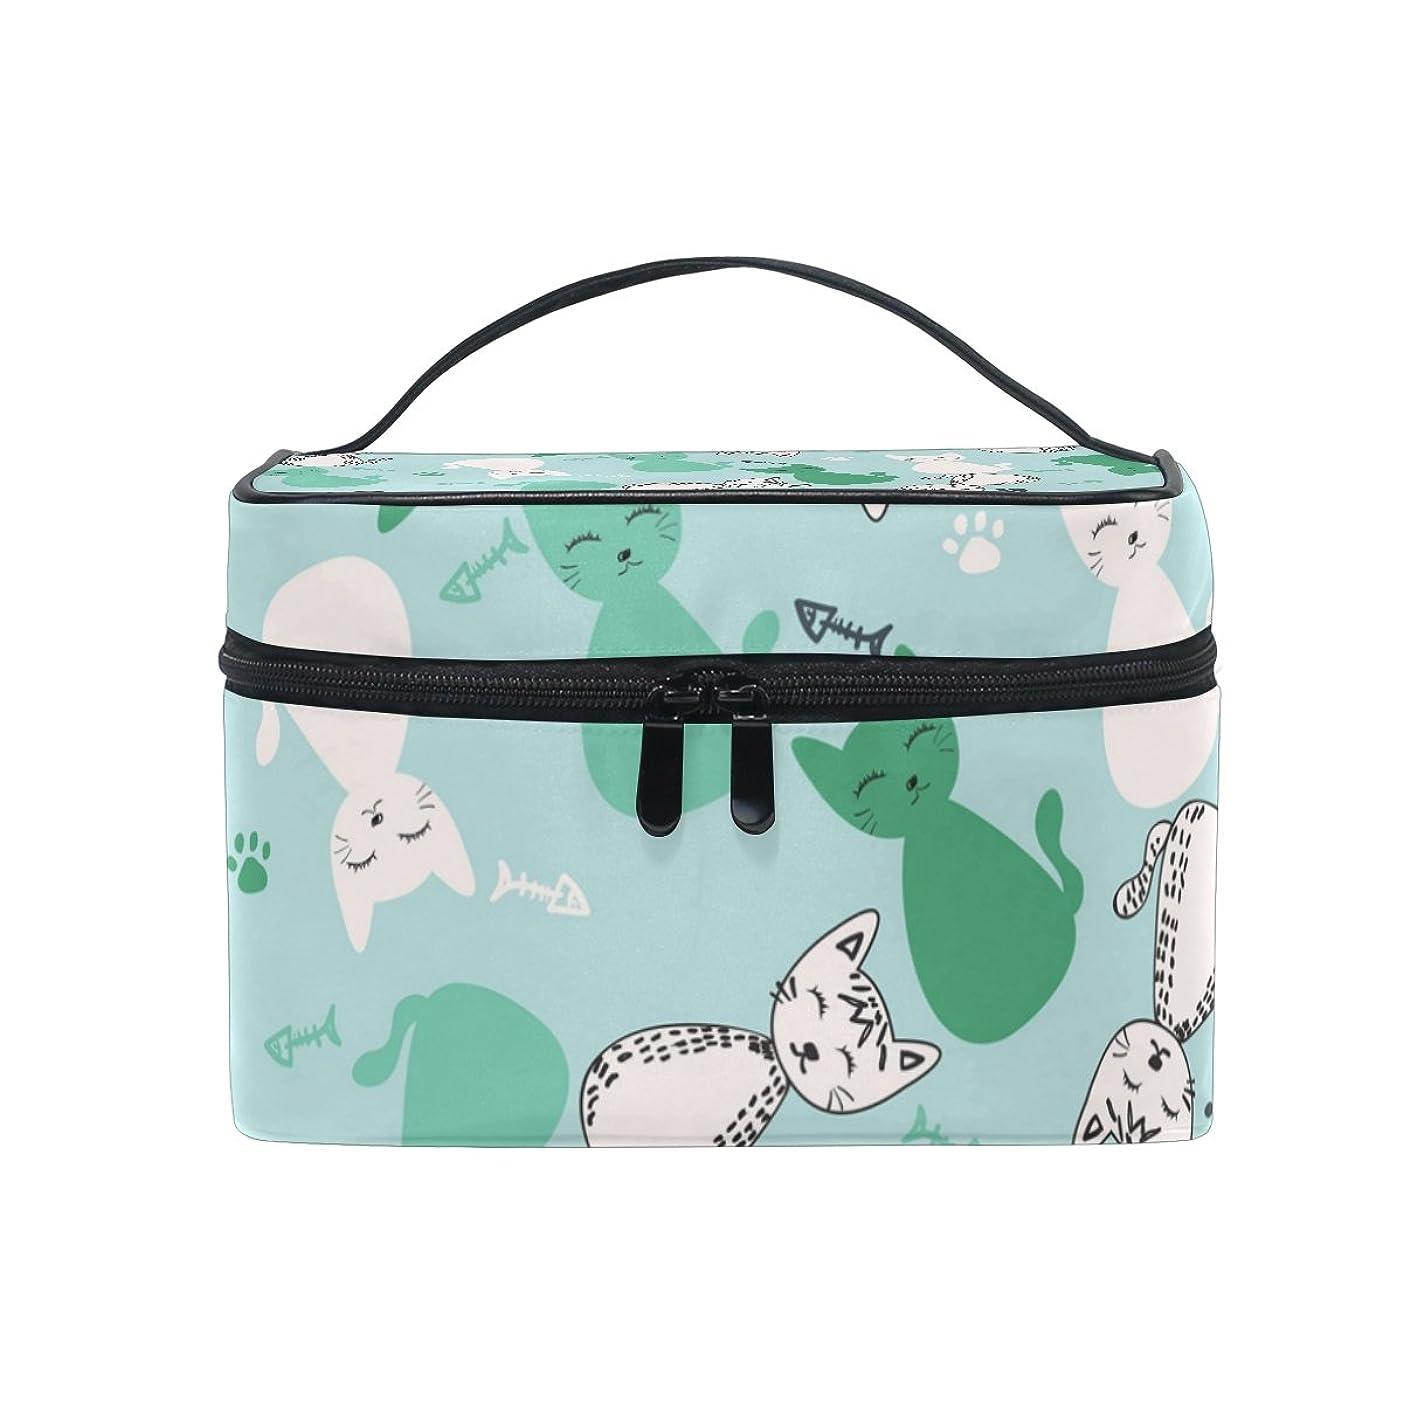 投獄等しい炭素ALAZA 化粧ポーチ ねこ柄 猫柄 化粧 メイクボックス 収納用品 グリーン 大きめ かわいい